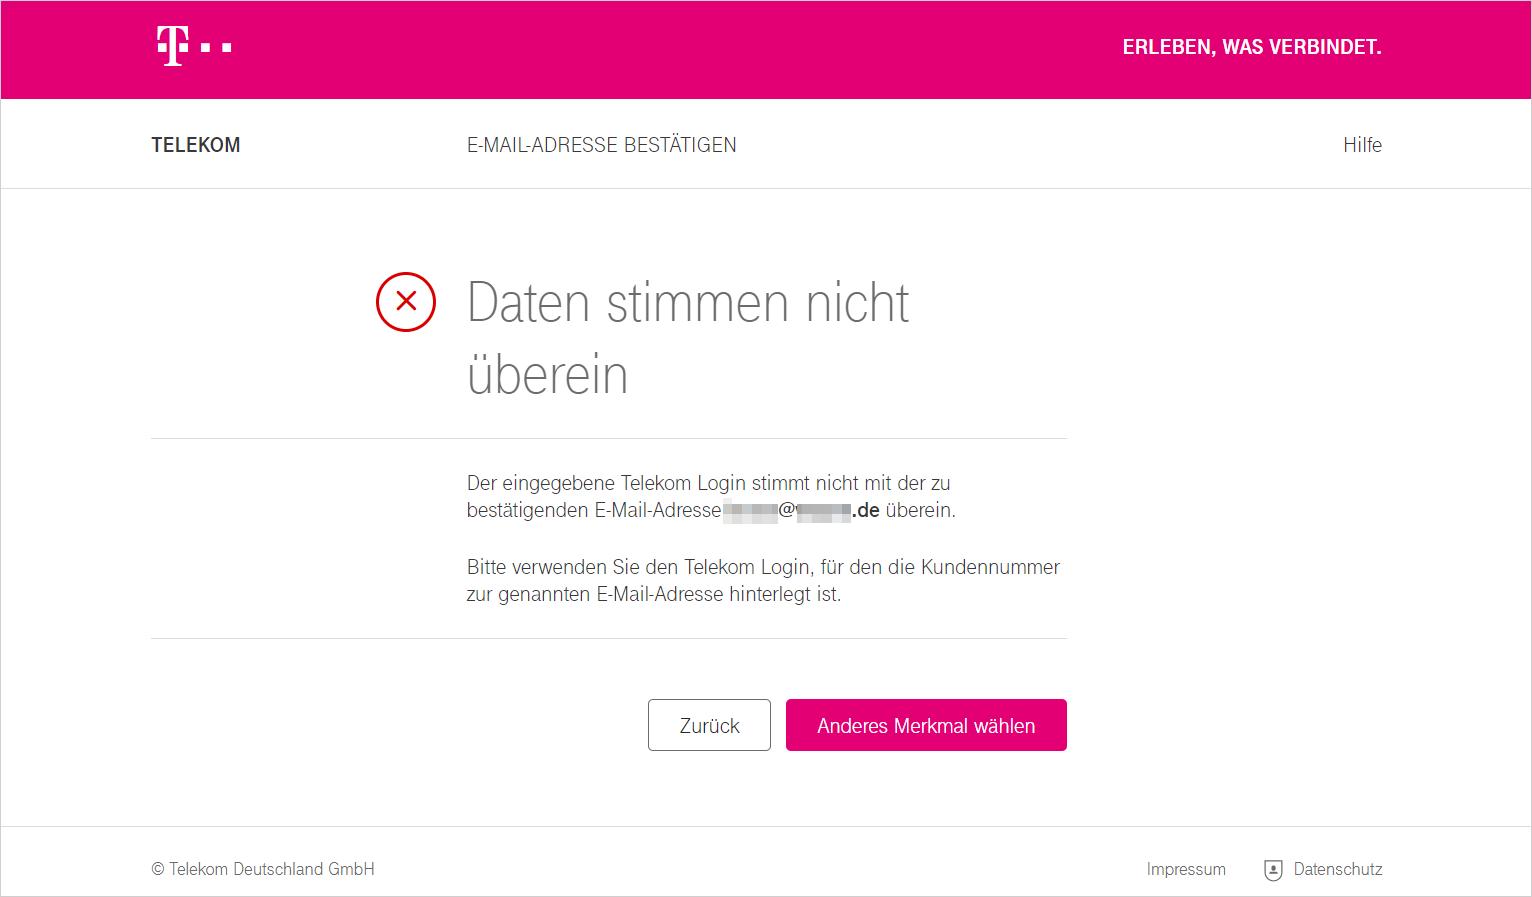 Bestätigung E-Mail-Adresse   Telekom Hilfe